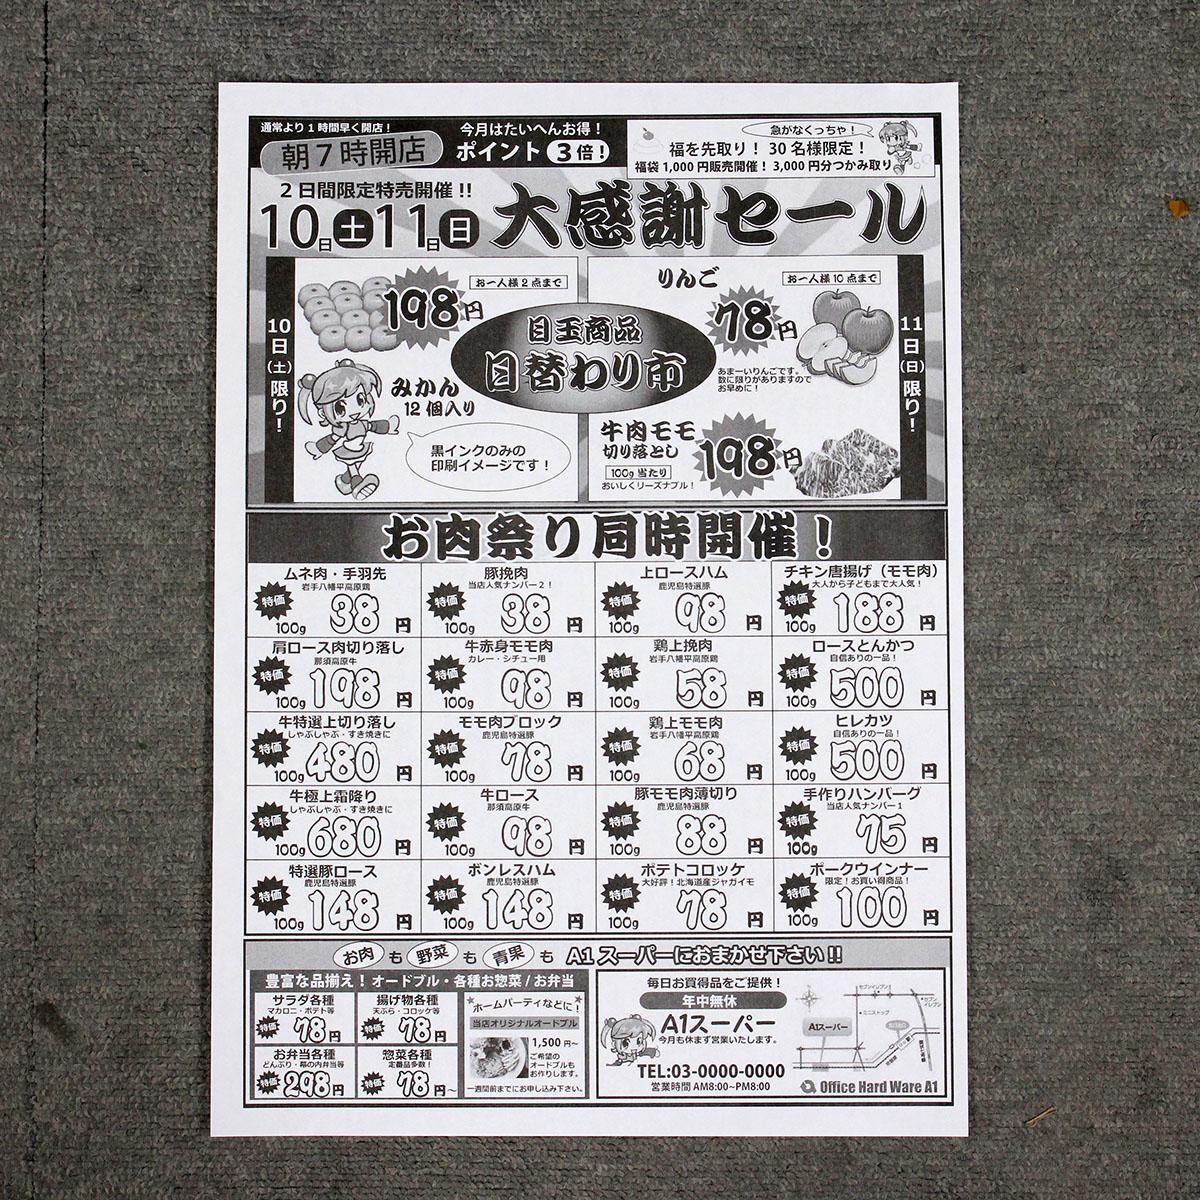 理想科学 輪転機(印刷機) リソグラフ SE638